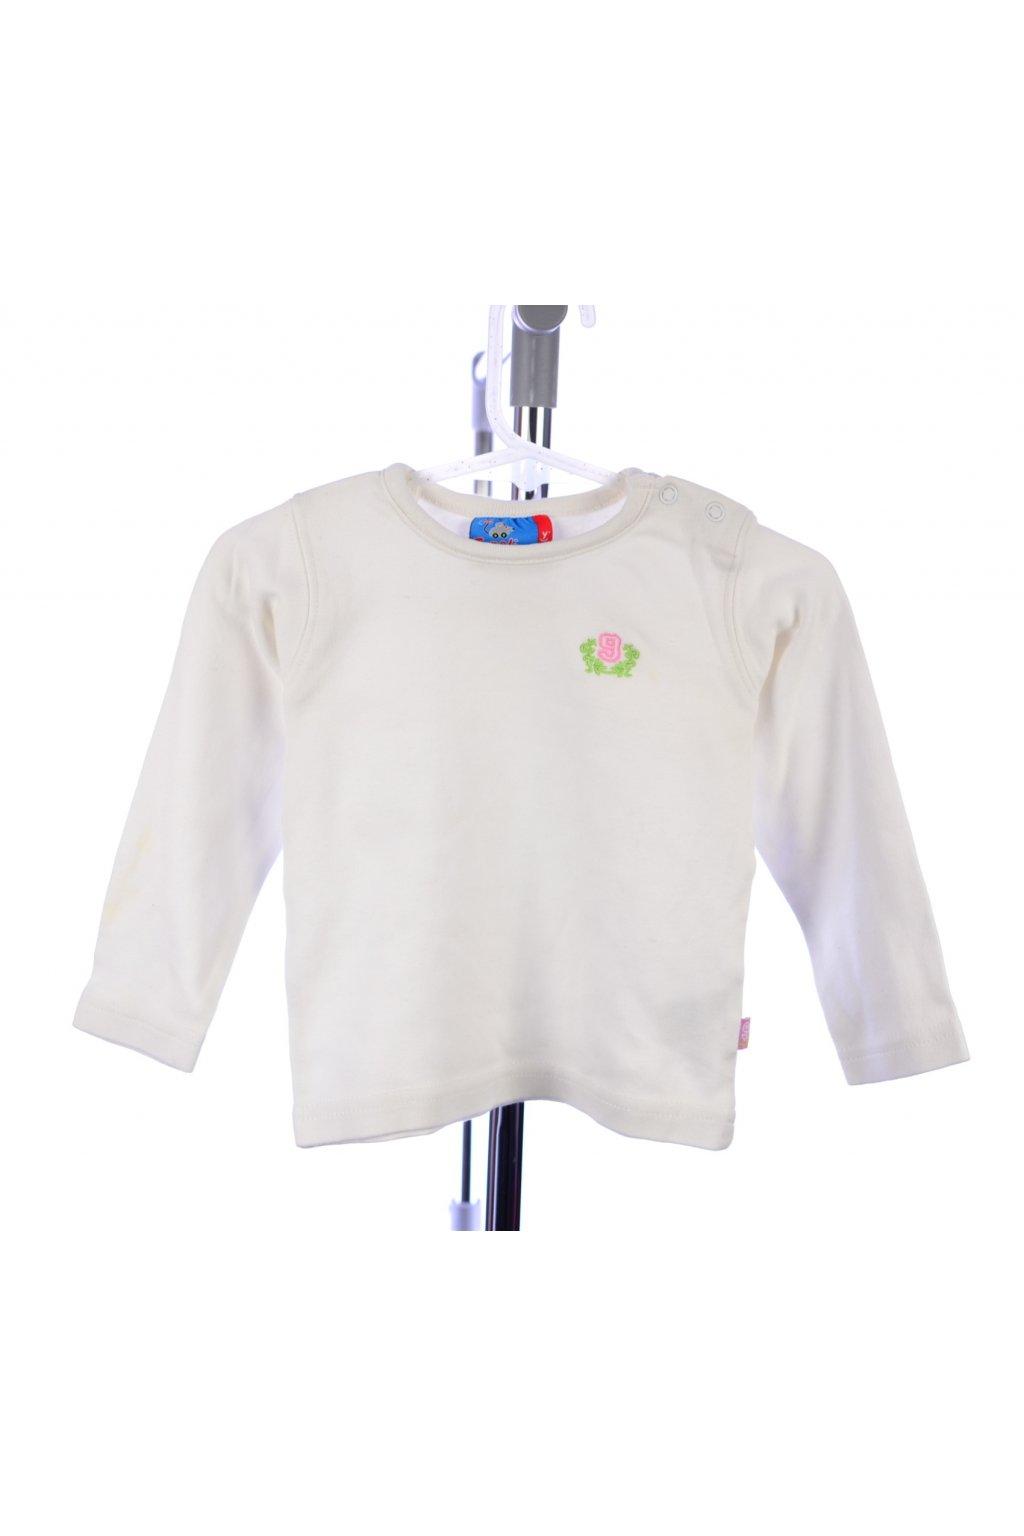 Tričko Topolino dlouhý rukáv vel 74 krémové